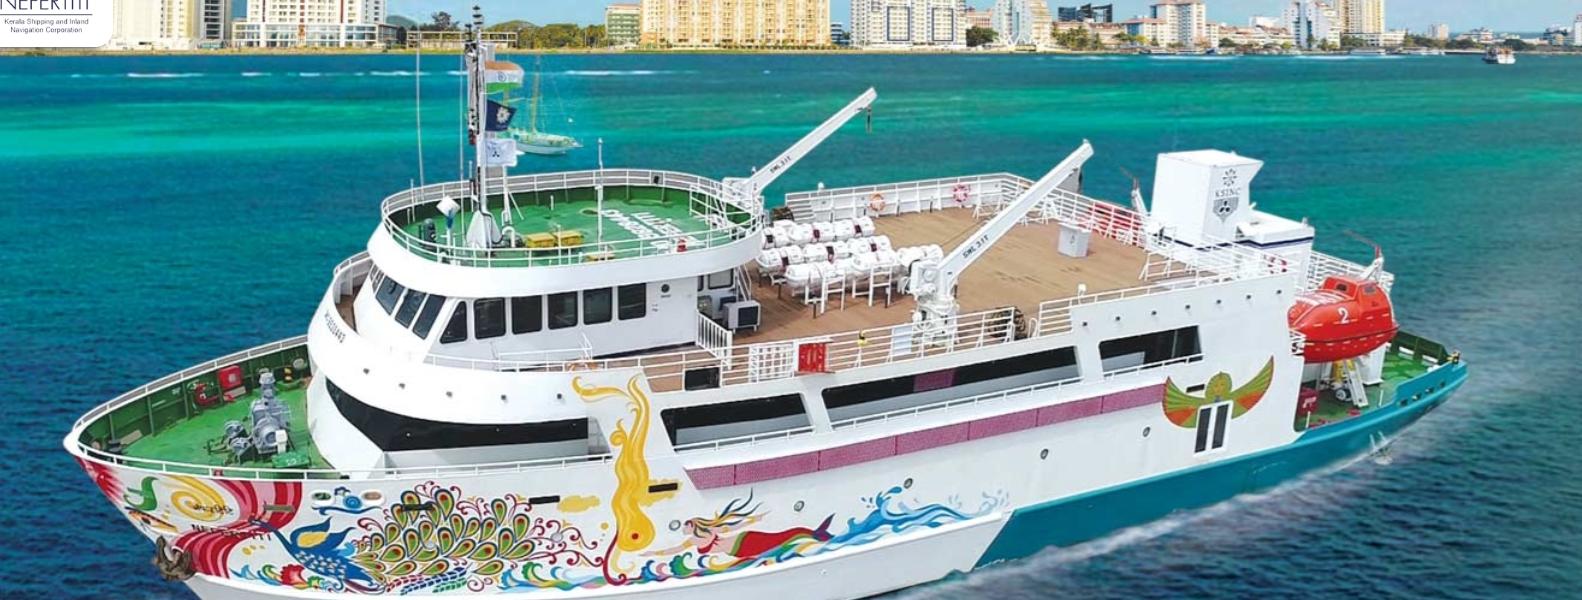 nefertiti cruise cochin